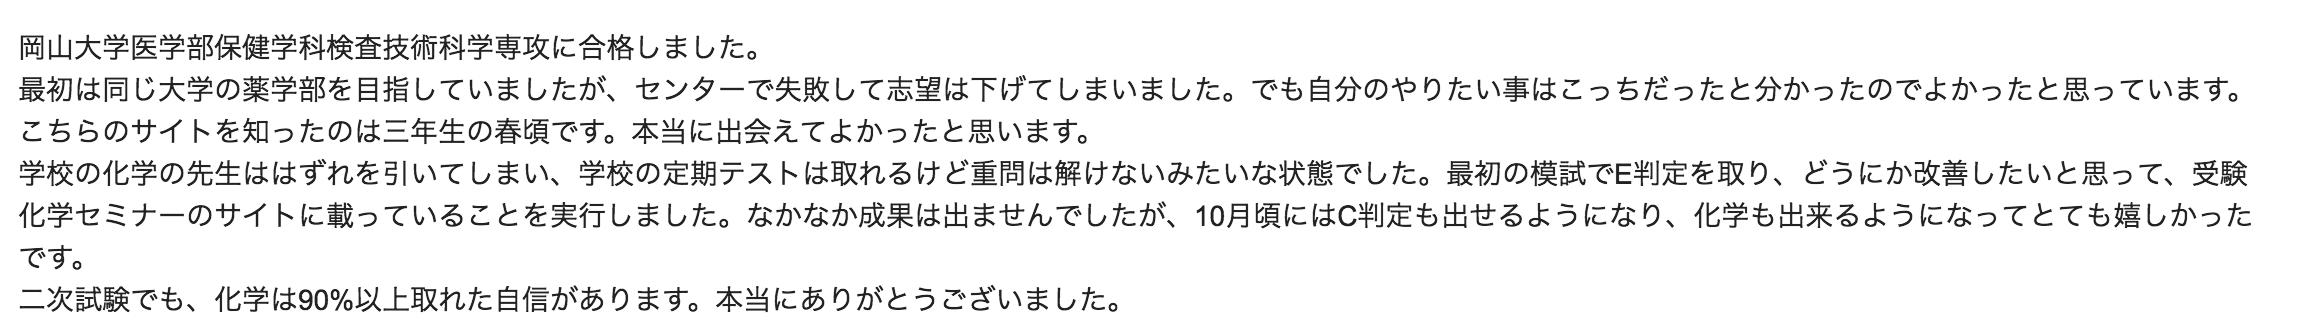 岡山大学保険学科